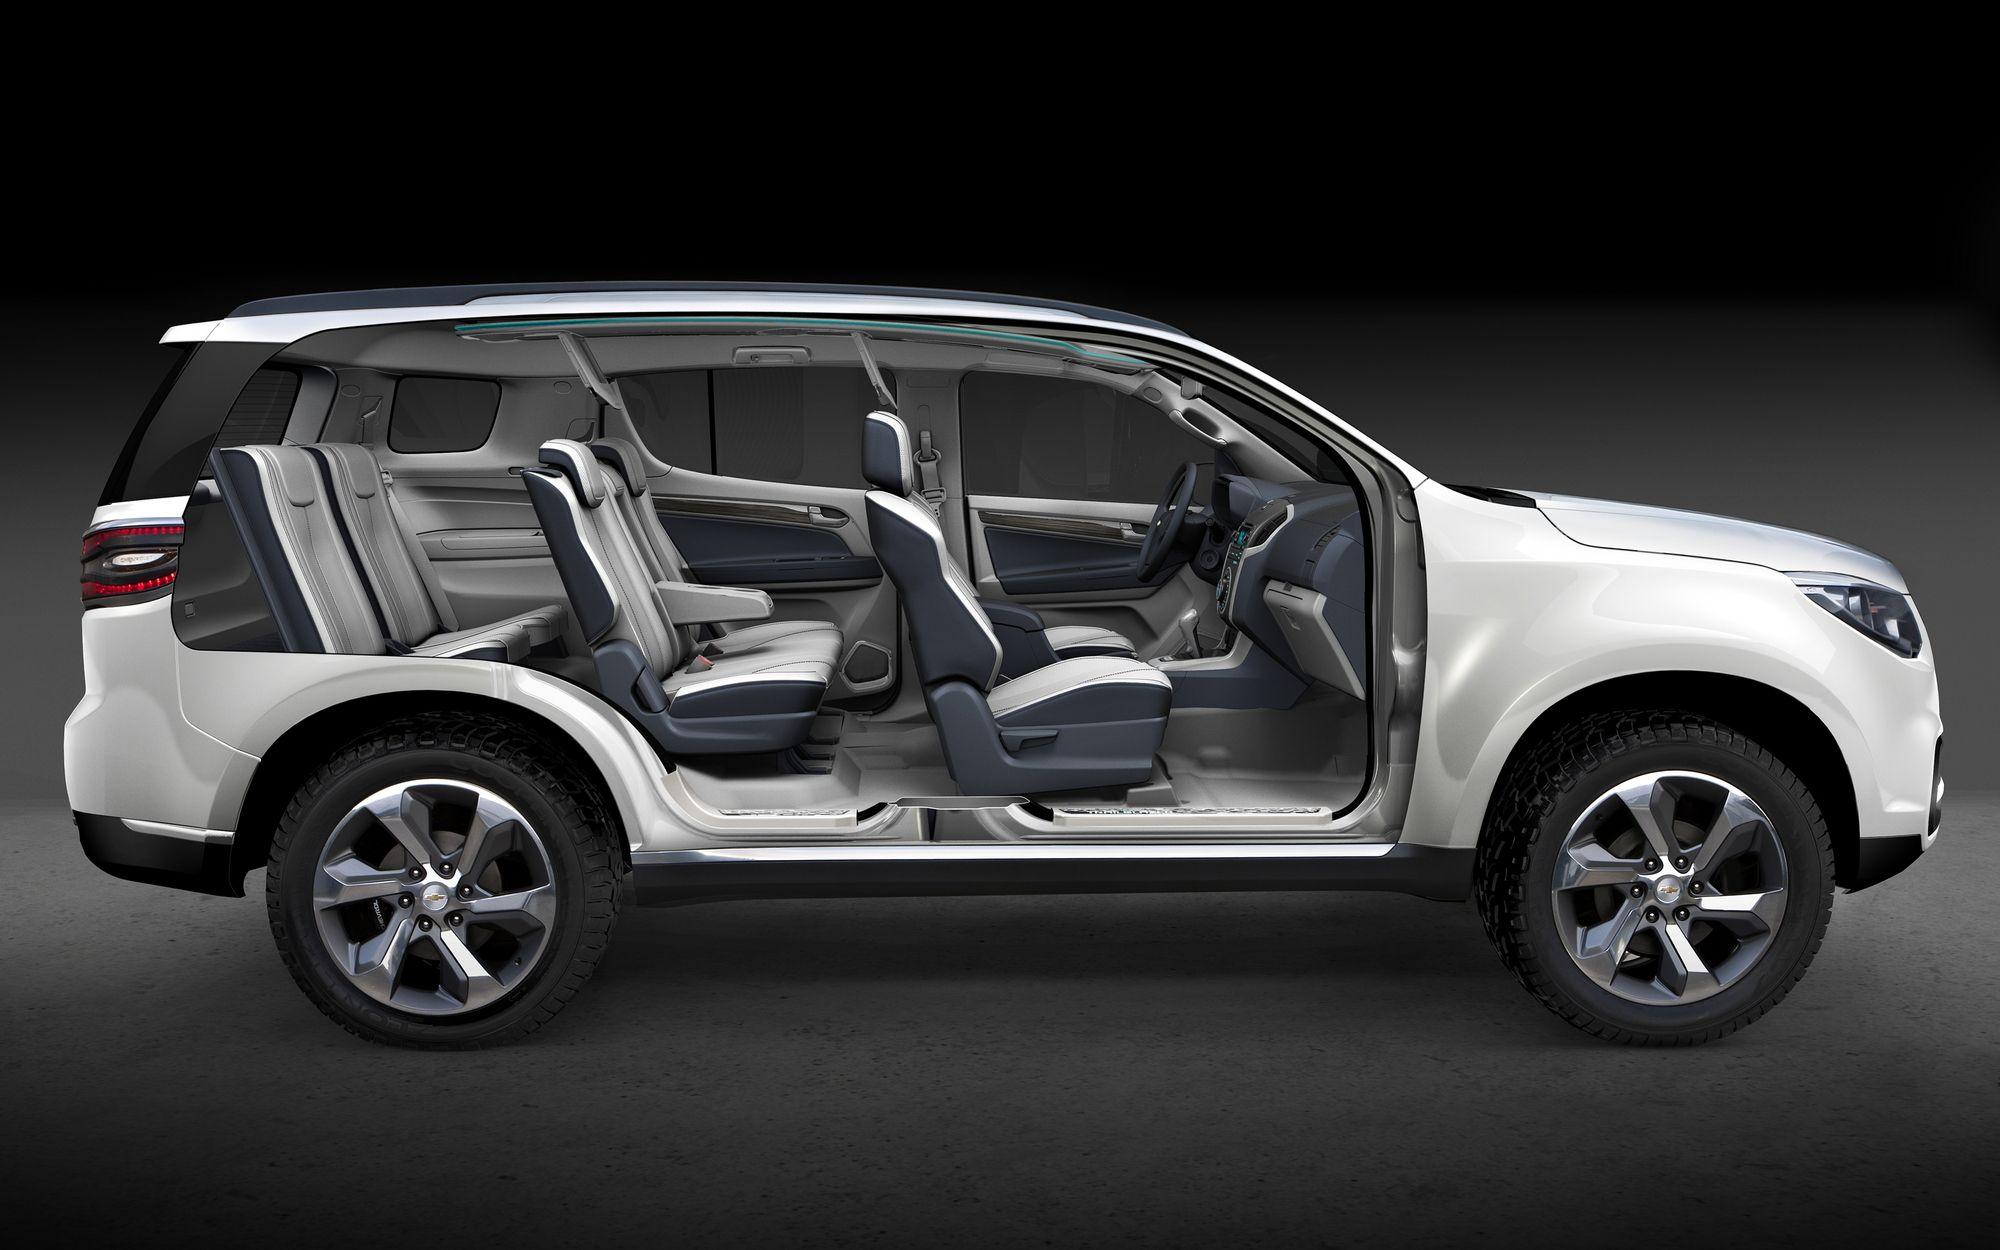 2012 Chevrolet Traverse Chevrolet Trailblazer Chevy Trailblazer Suv